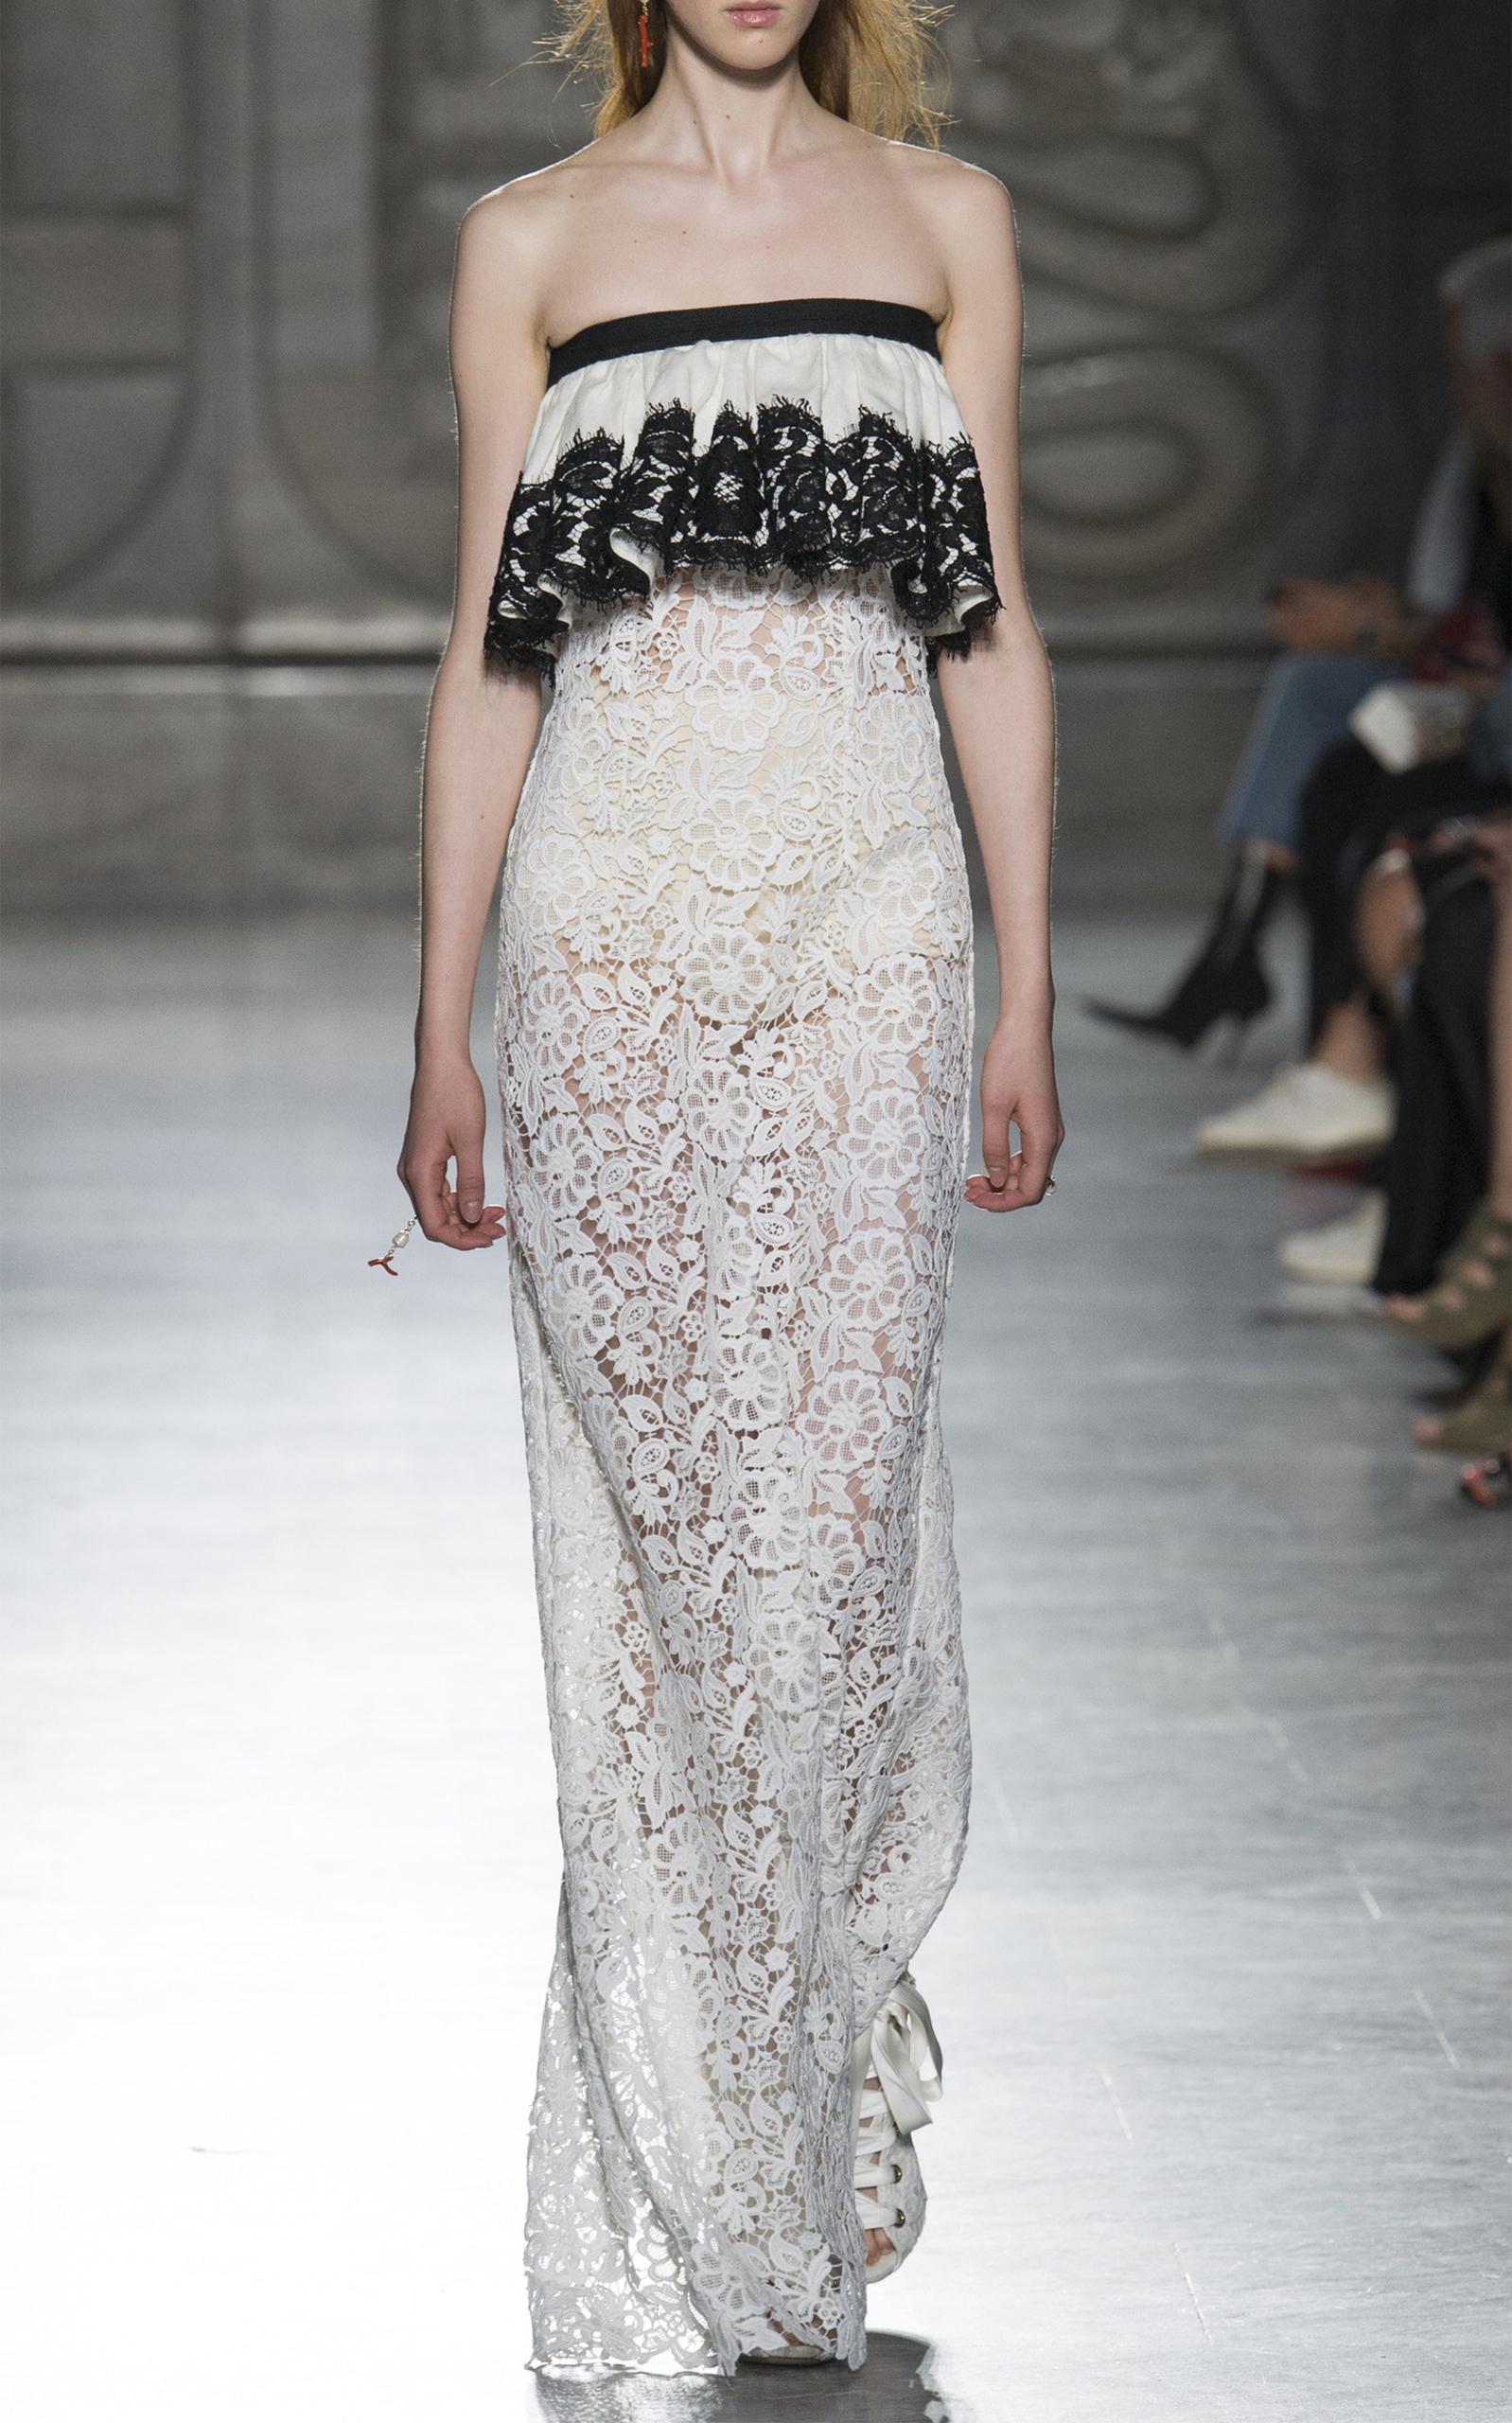 Strapless Lace Gown by Fausto Puglisi | Moda Operandi